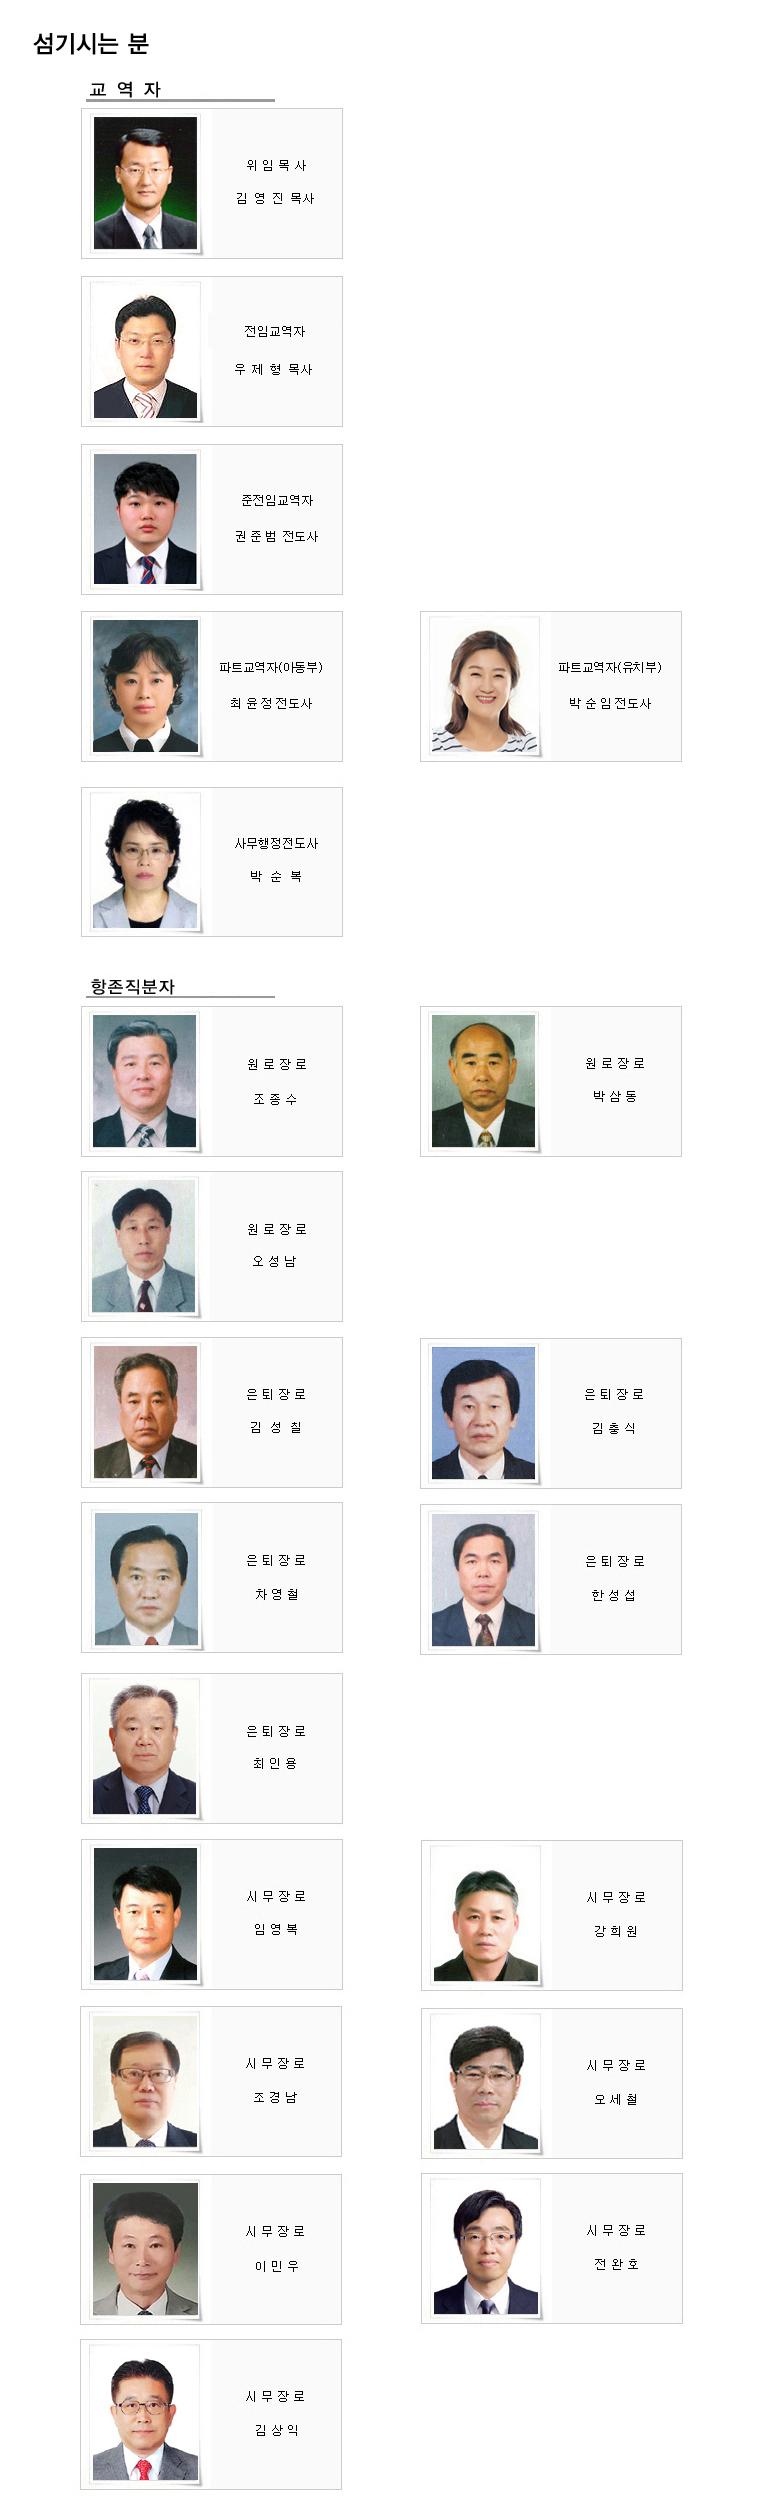 people20201101.jpg